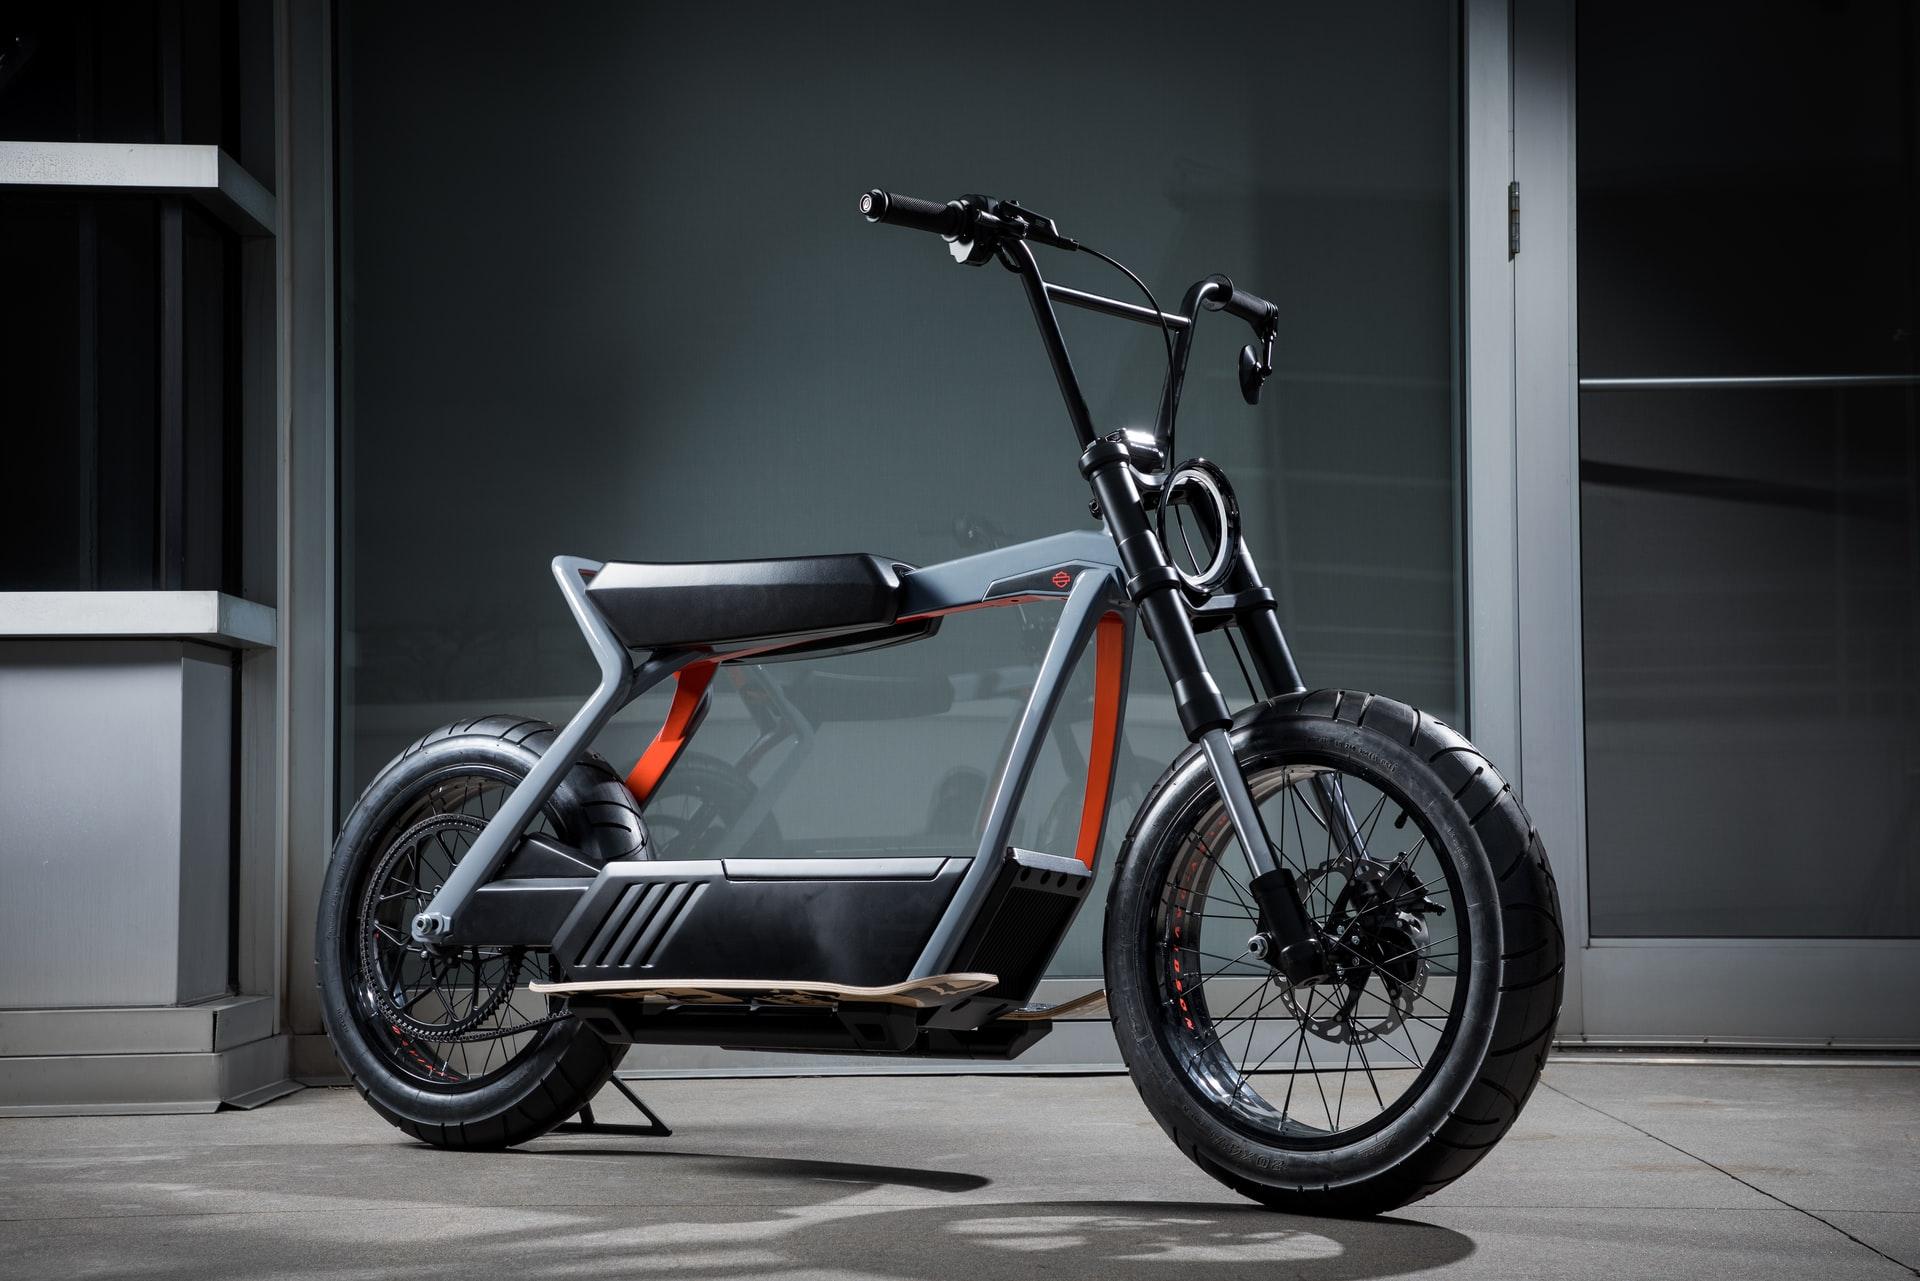 Moto ou scooter électrique, que choisir ? 1